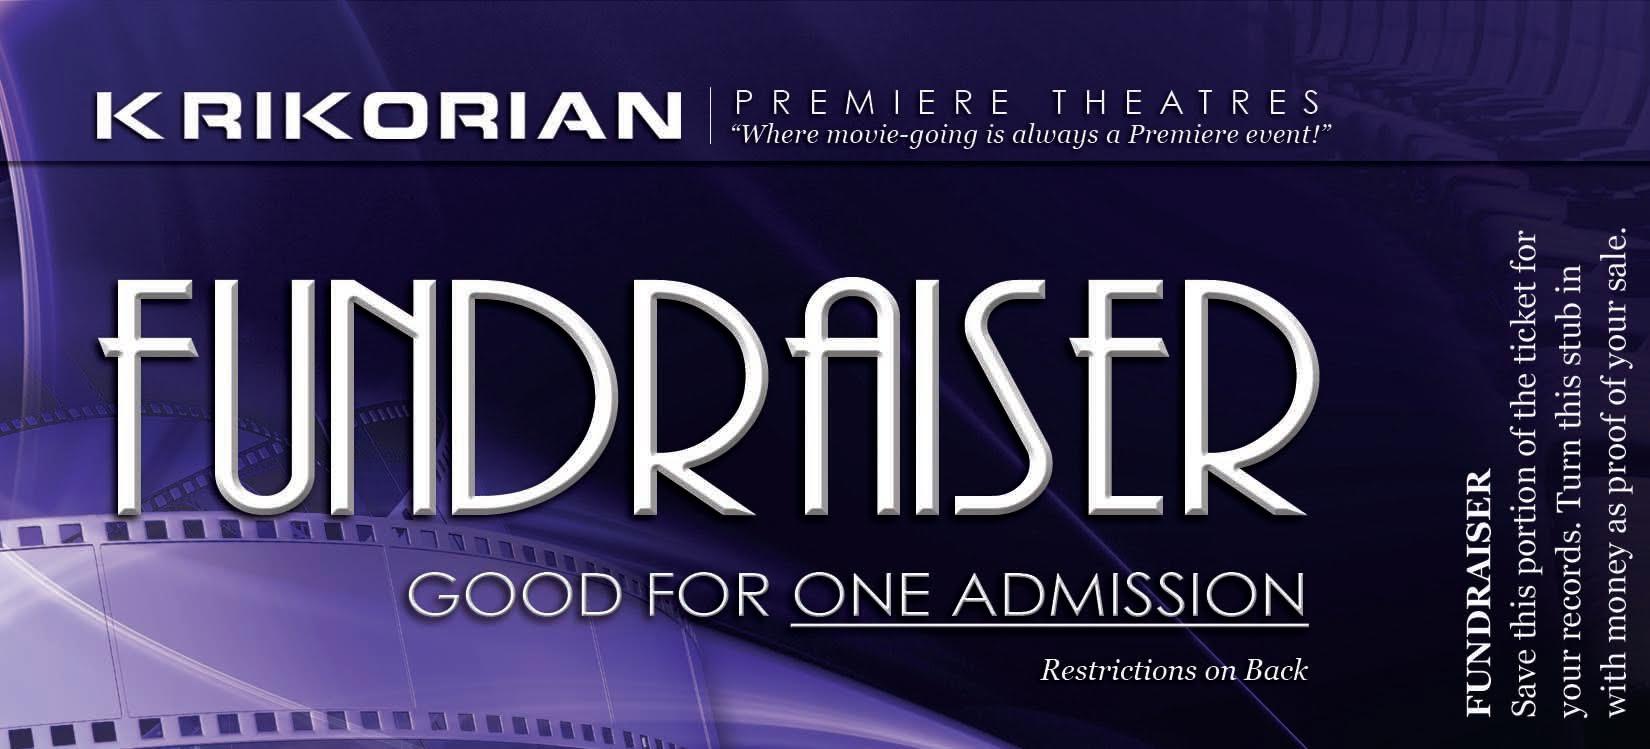 krikorian premiere theatres fundraiser tickets